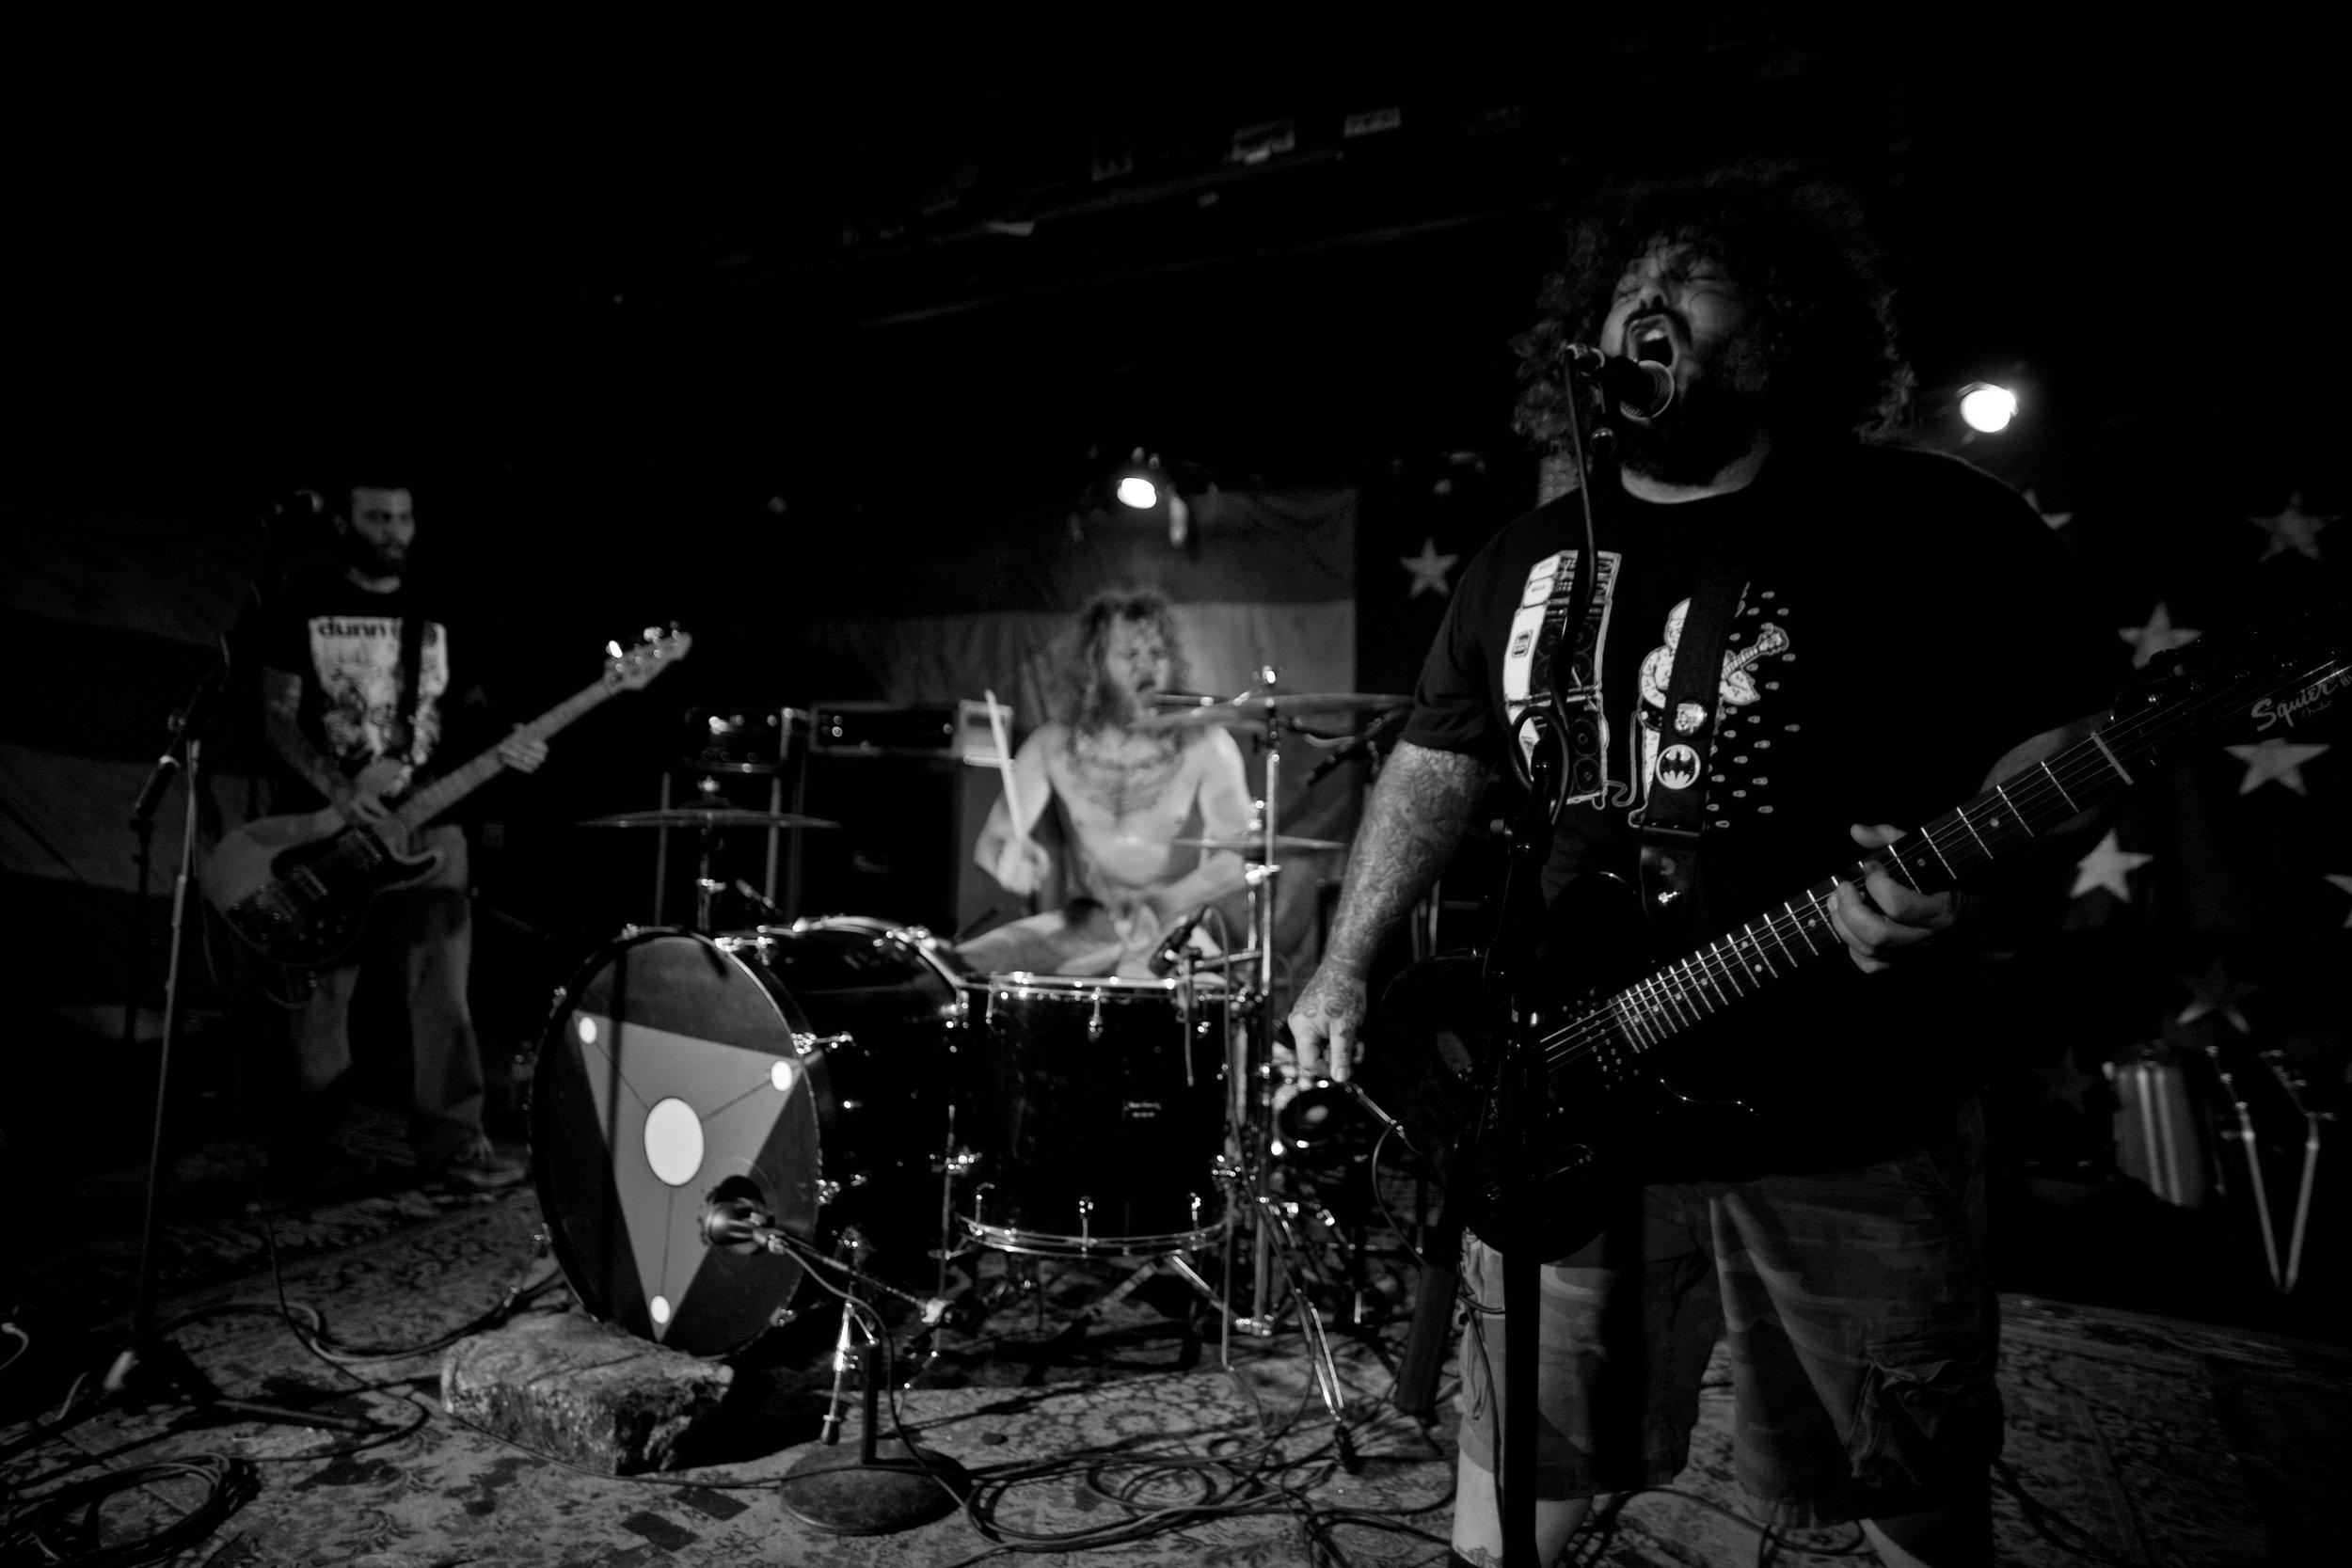 Hexxus. The Nick. Birmingham, AL. 2016.